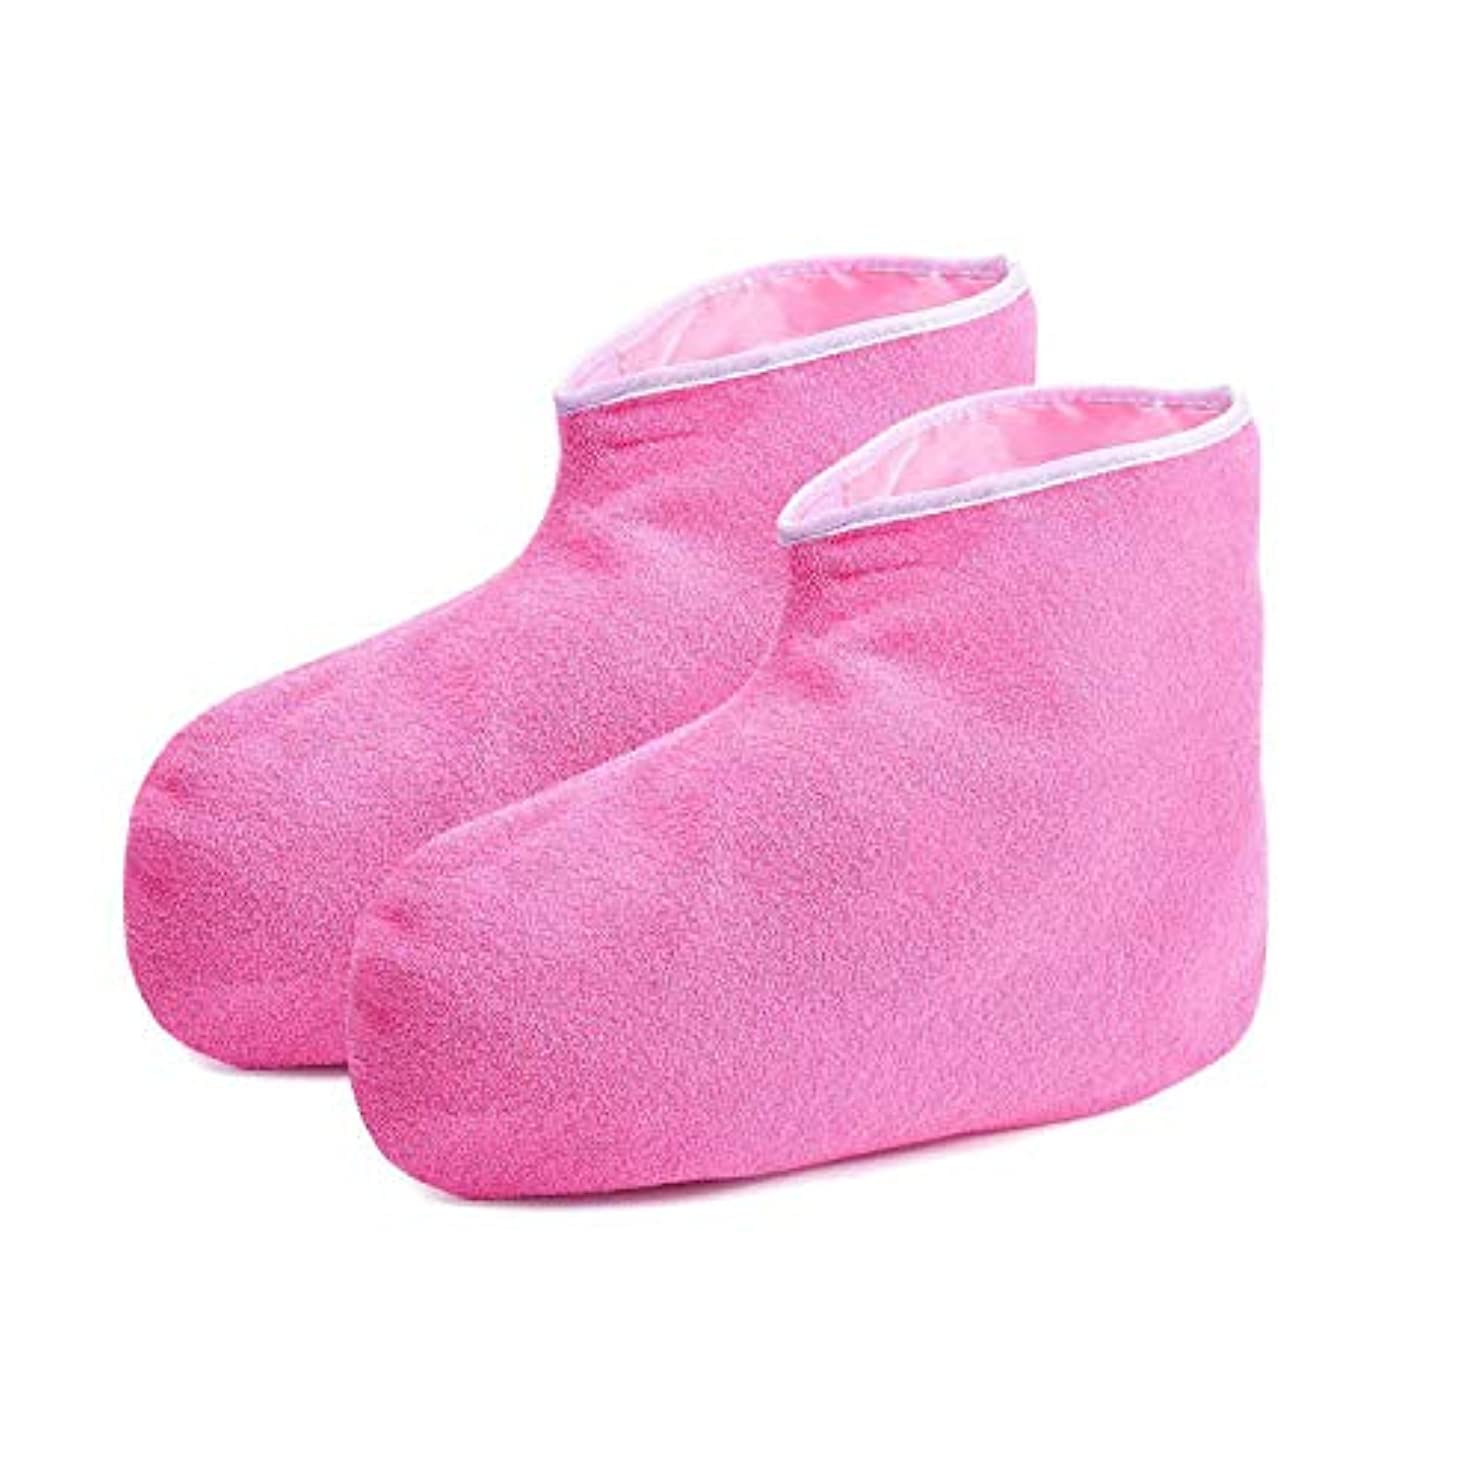 賞金額微視的Gaoominy パラフィン?ワックスのバス手袋とブーティ、保湿作業用手袋、フットスパのカバー、ハンドのトリートメントのキット、パラフィン?ワックスのウォーマー、女性用絶縁ミトン-ピンク